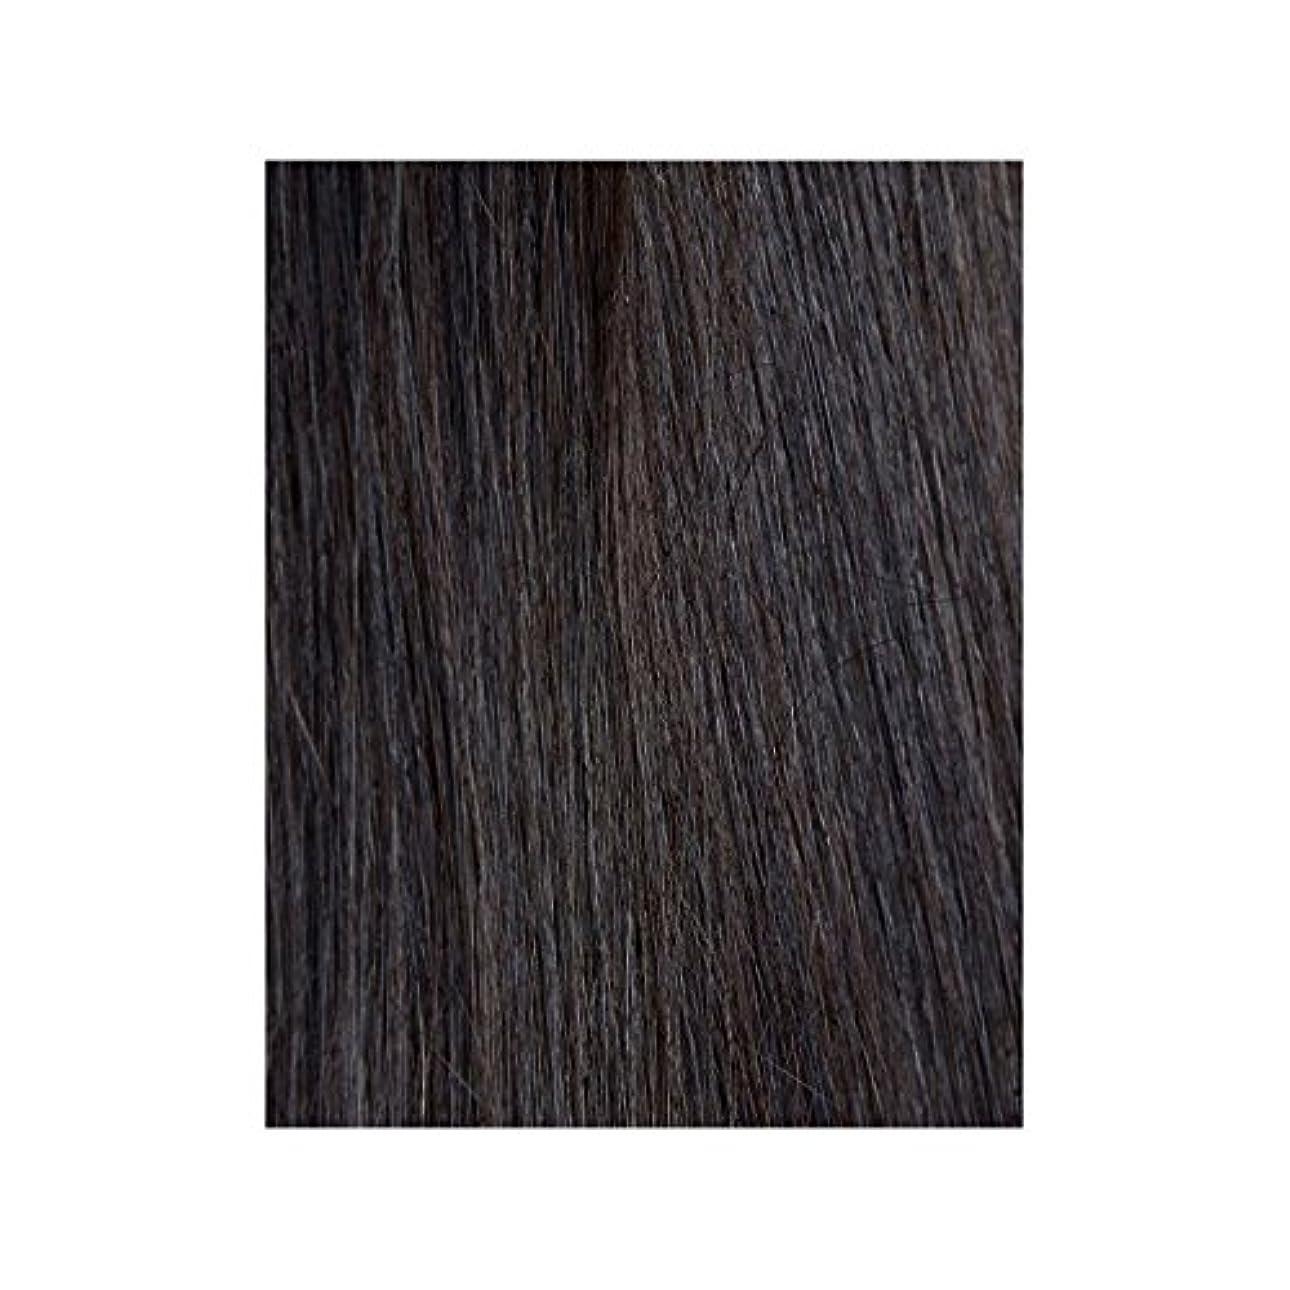 減る保険ウルルBeauty Works 100% Remy Colour Swatch Hair Extension - Ebony 1B - 黒檀図1 - 美しさは、100%レミーの色見本ヘアエクステンションの作品 [並行輸入品]